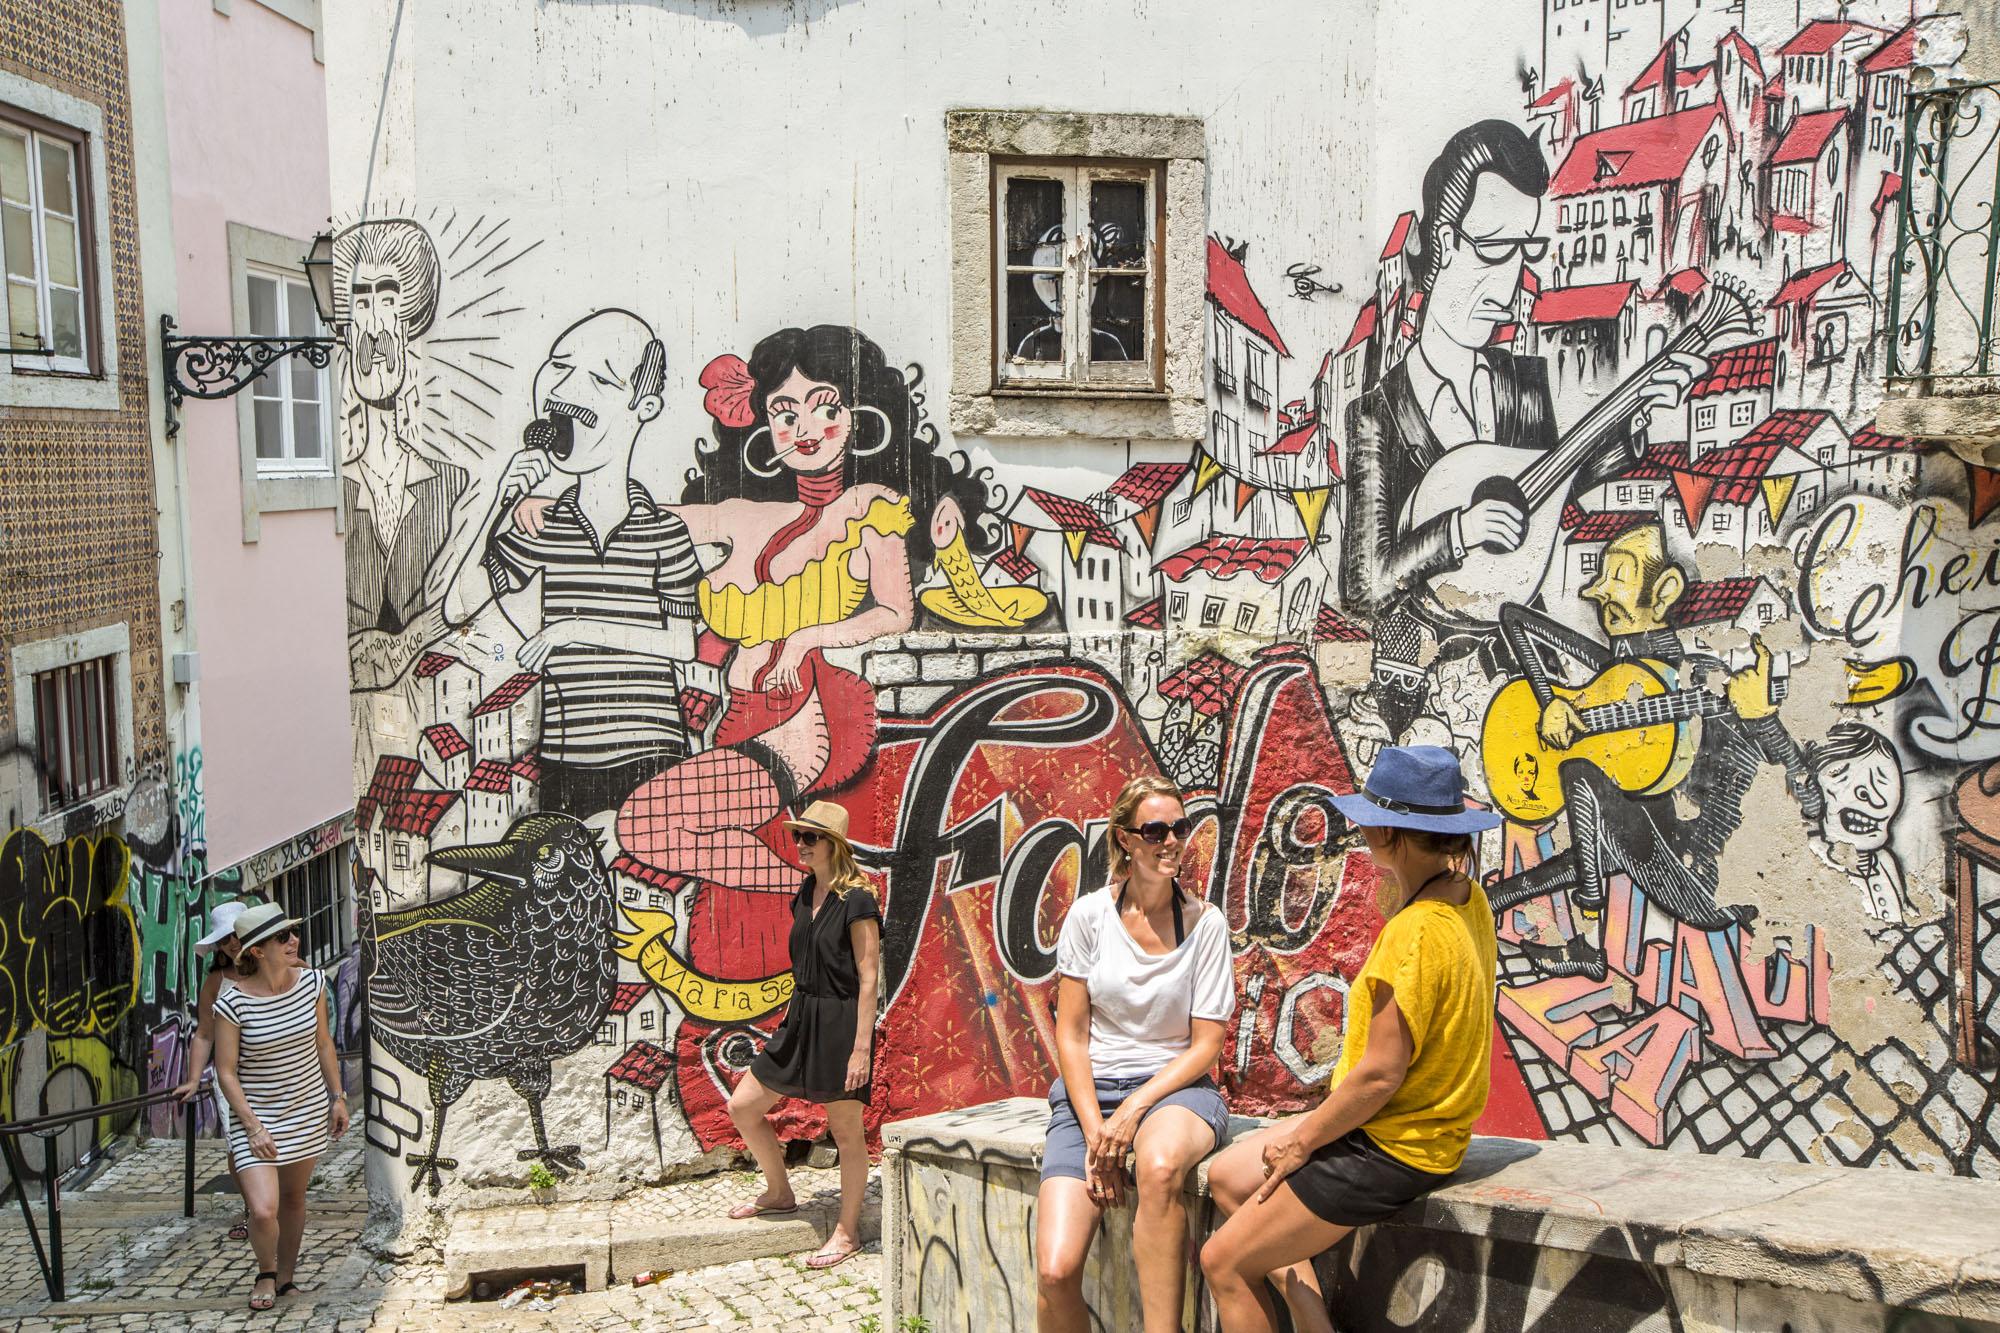 Portugal, Lissabon, Mouraria Viertel, Escadinhas de São Cristóvão, Graffiti, Fado Motiv von mehreren Künstlern, wohl das meistfotografierteste Graffiti von Lissabon